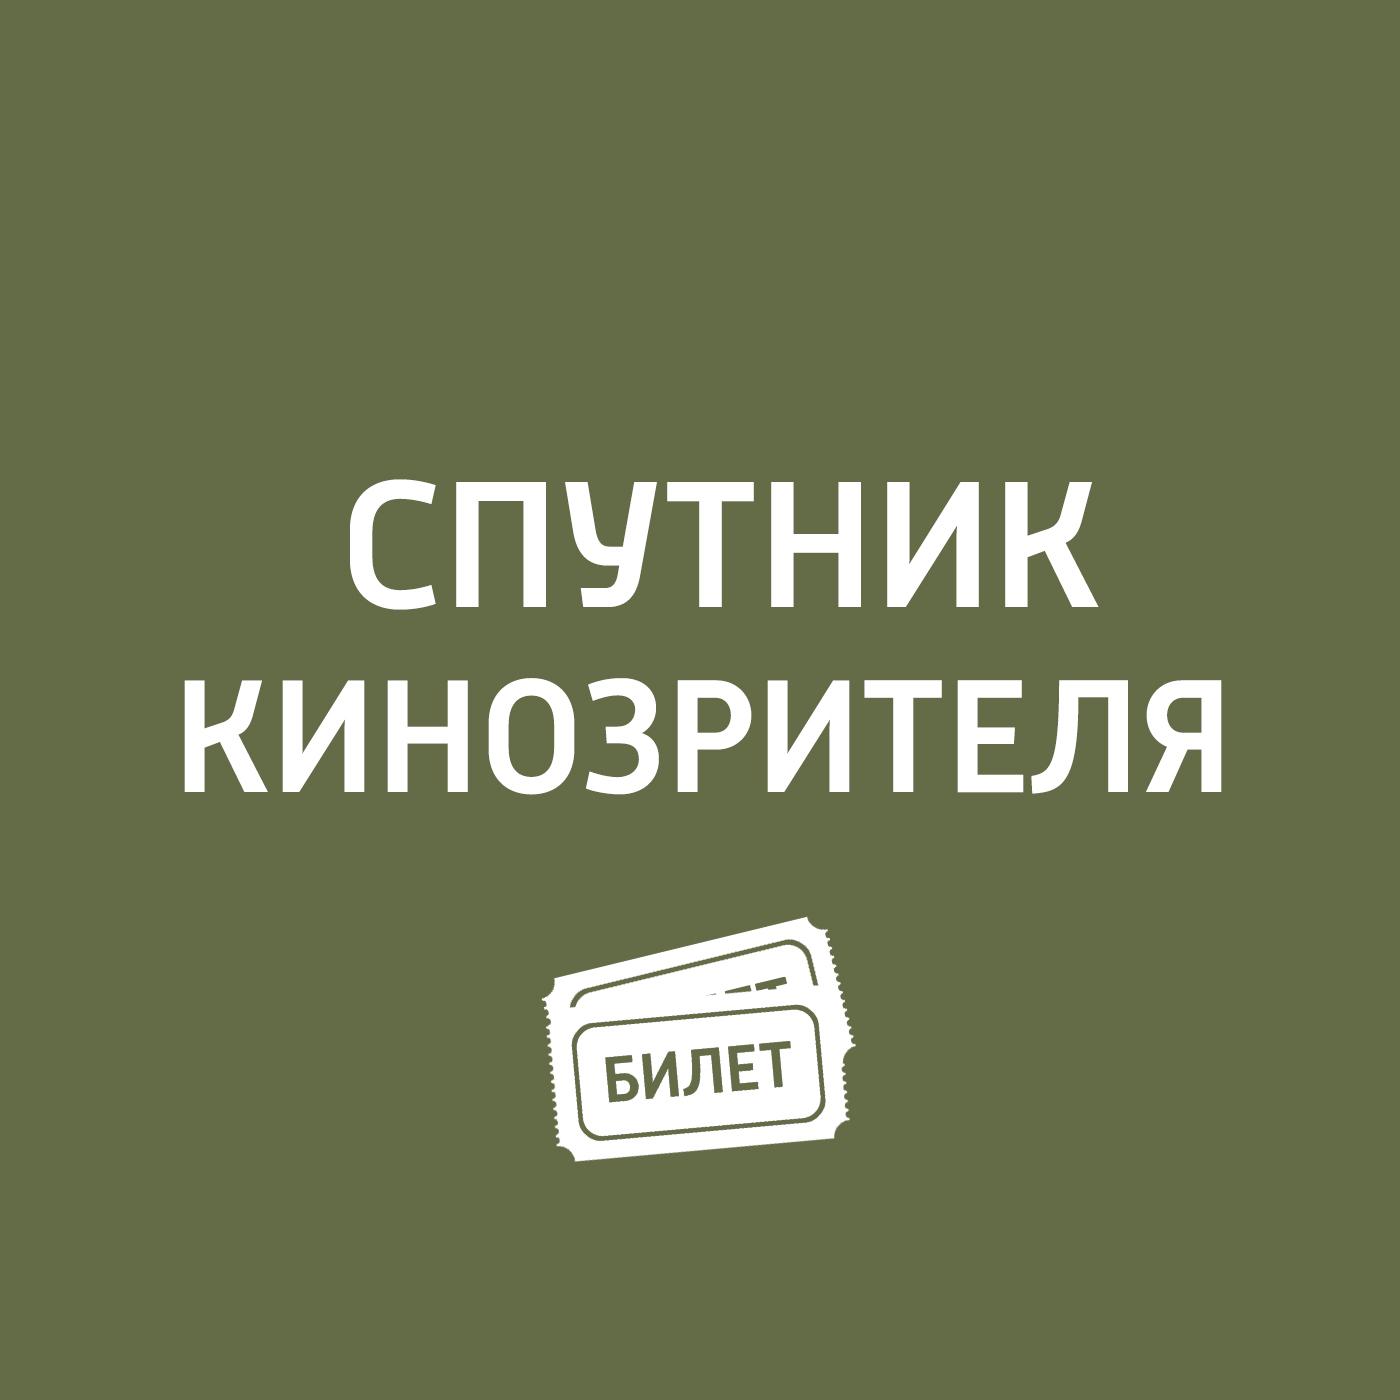 Антон Долин Лучшее. Роджер Мур антон долин лучшее малхолланд драйв